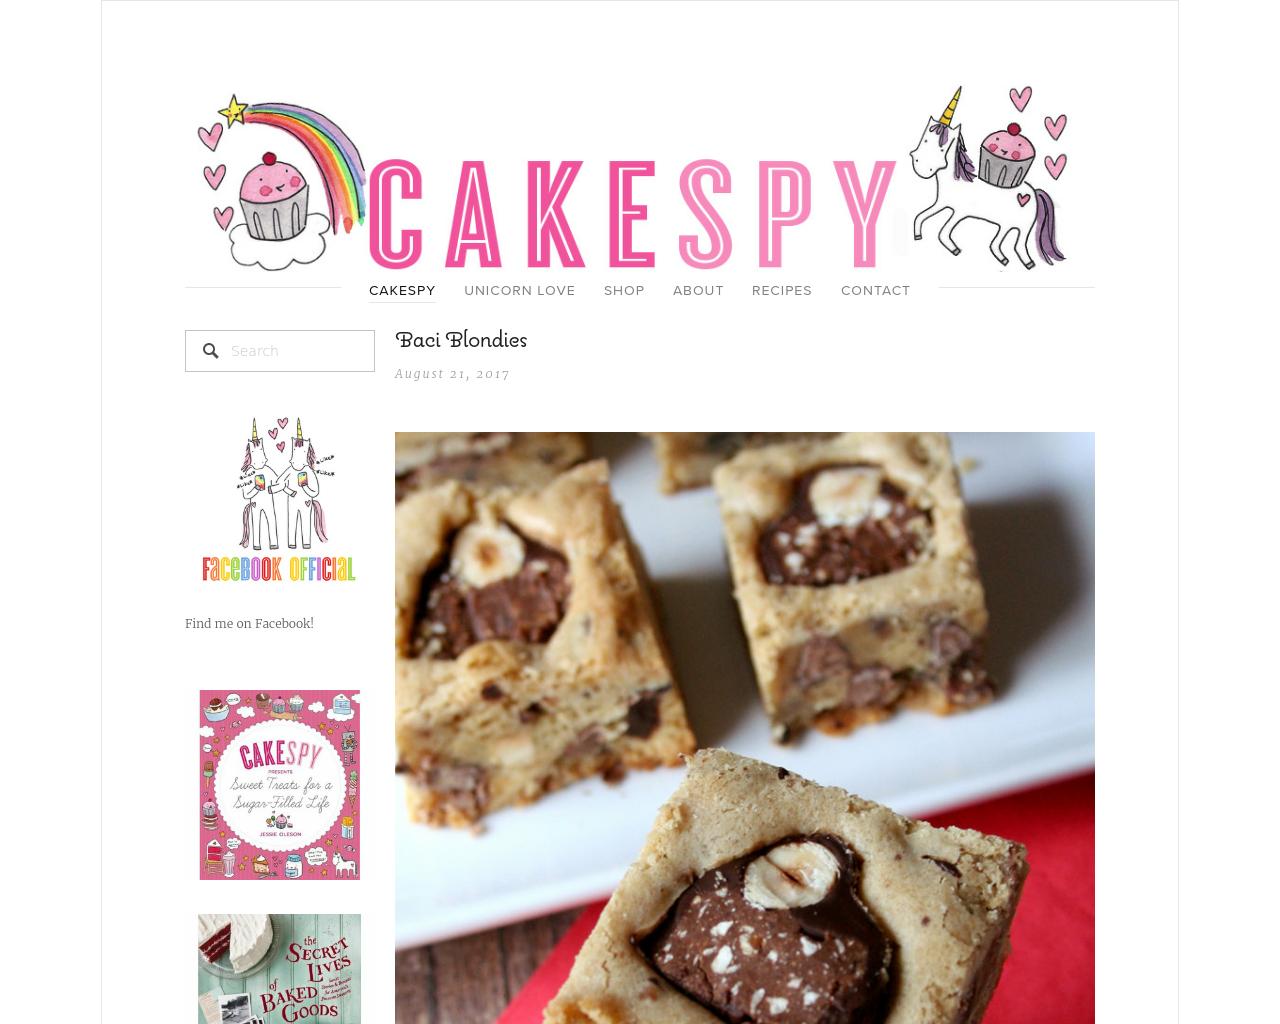 Cake-Spy-Advertising-Reviews-Pricing